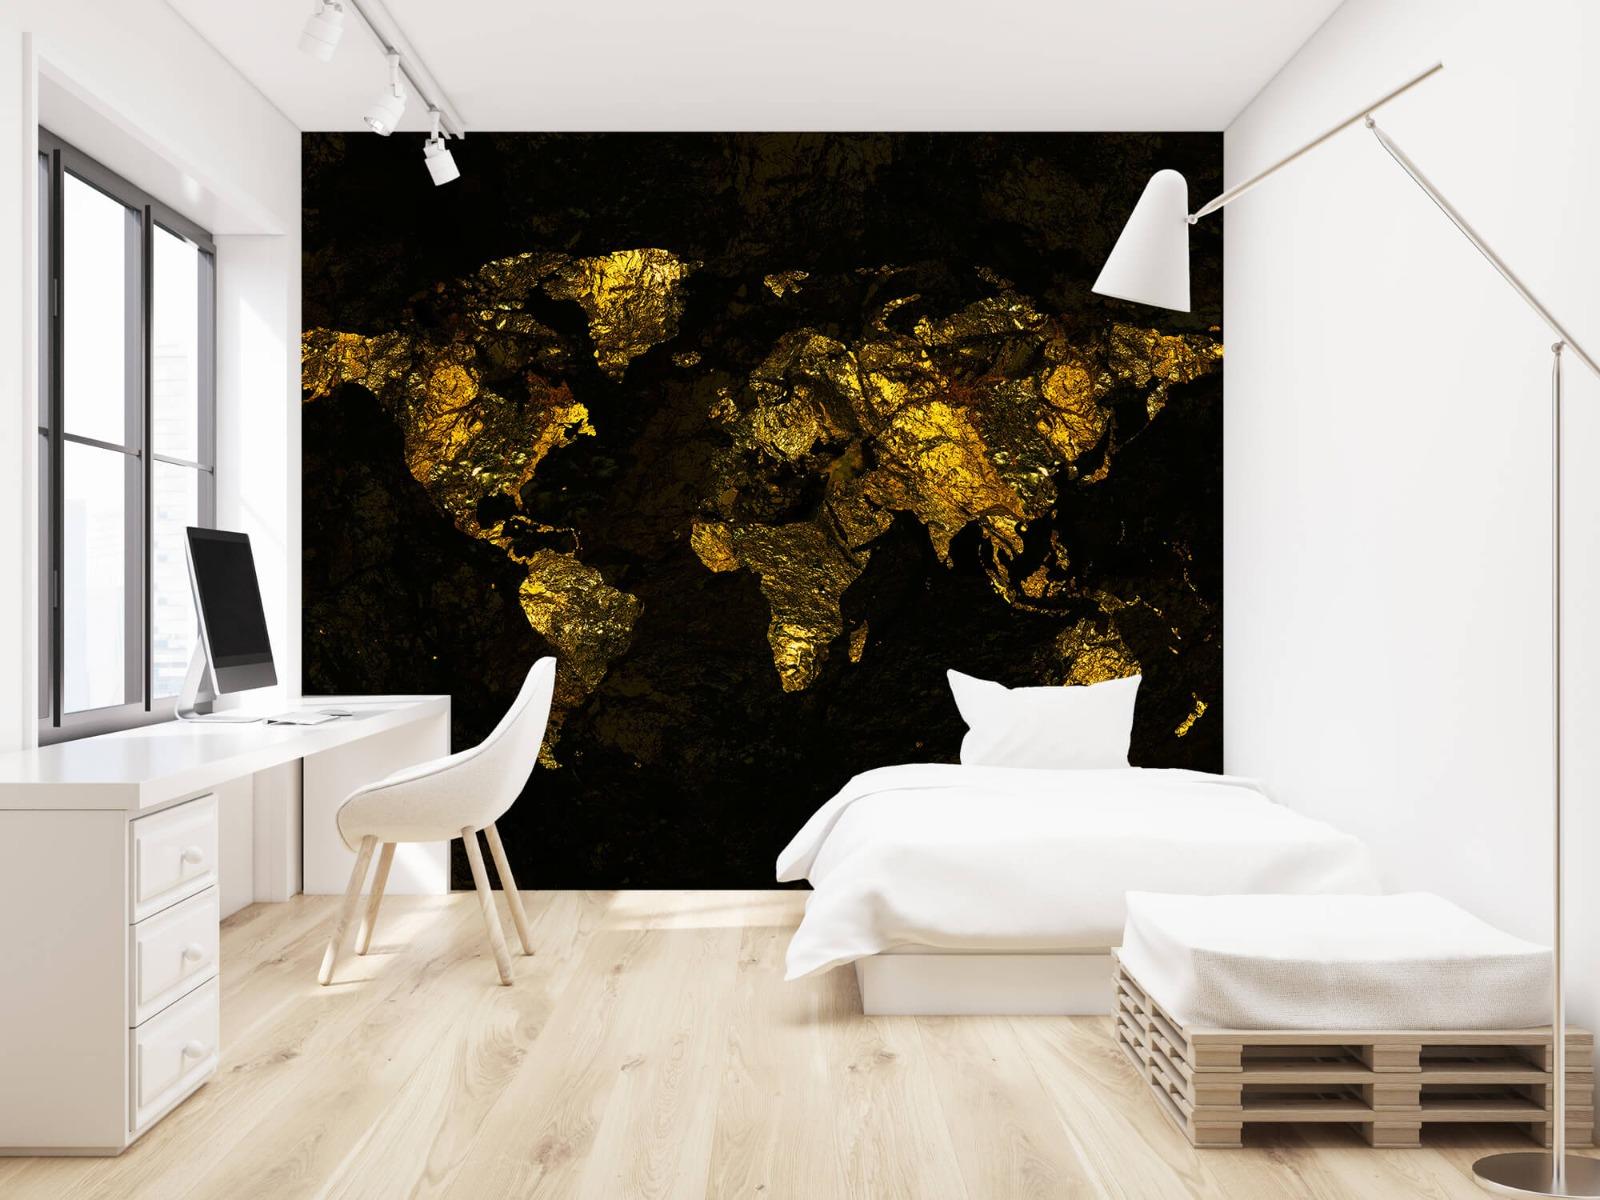 Steen behang - Wereldkaart goud - Directie 22